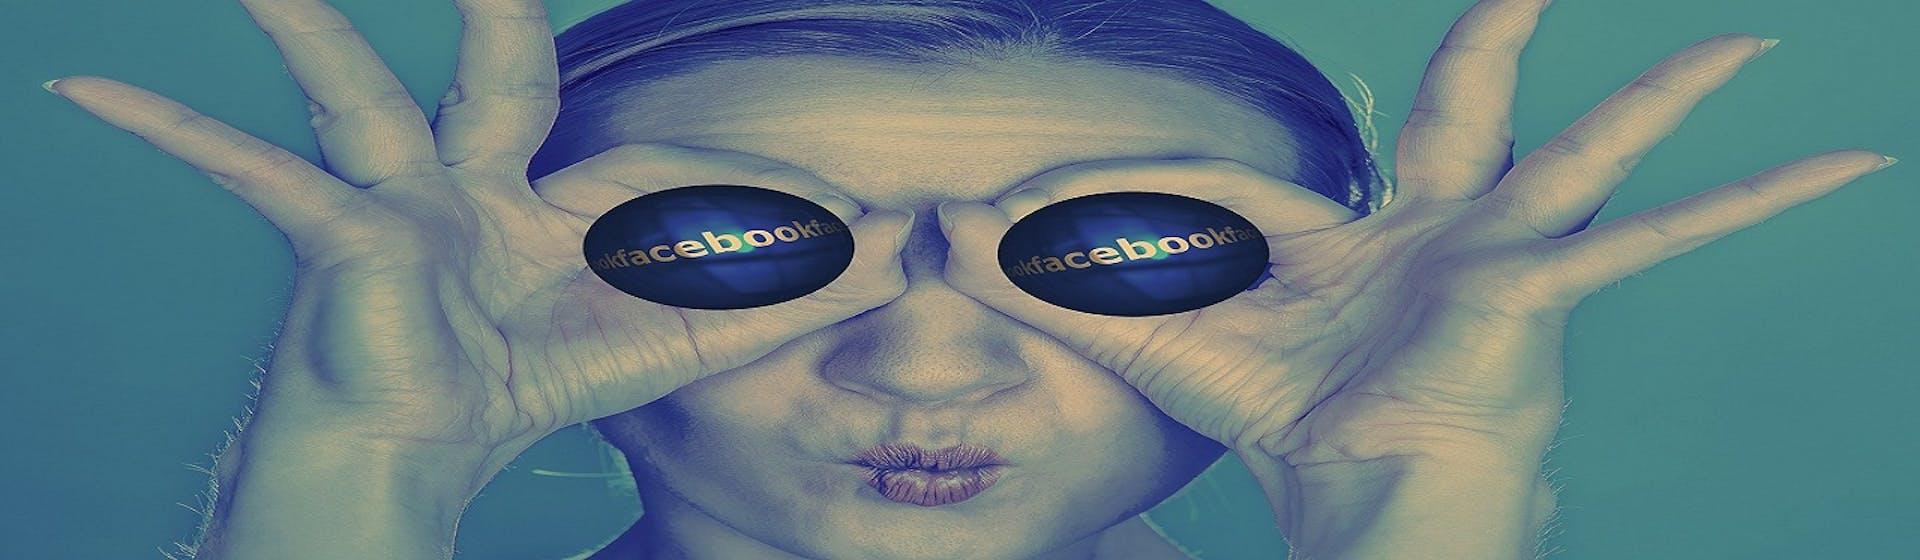 Monetizar en Facebook: ¡aprende cómo ganar dinero con tus videos!